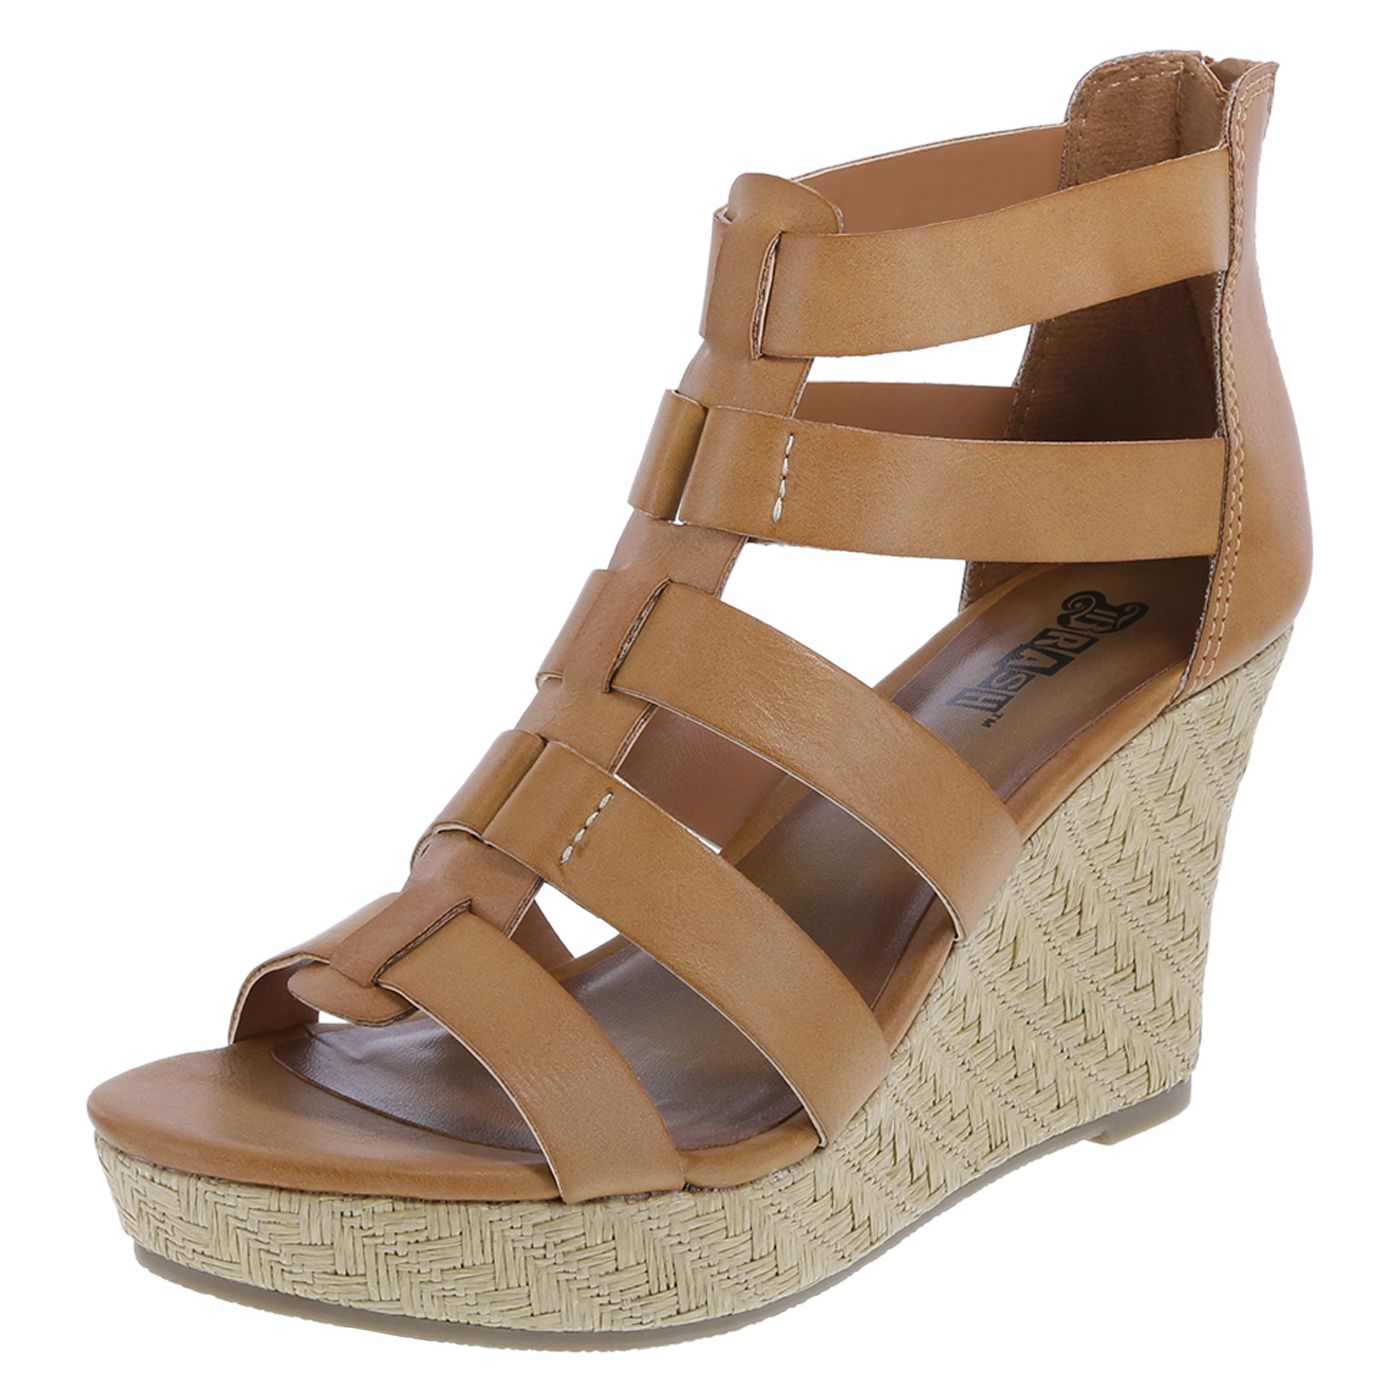 Womens sandals at payless - Women S Noah High Wedge Sandalwomen S Noah High Wedge Sandal